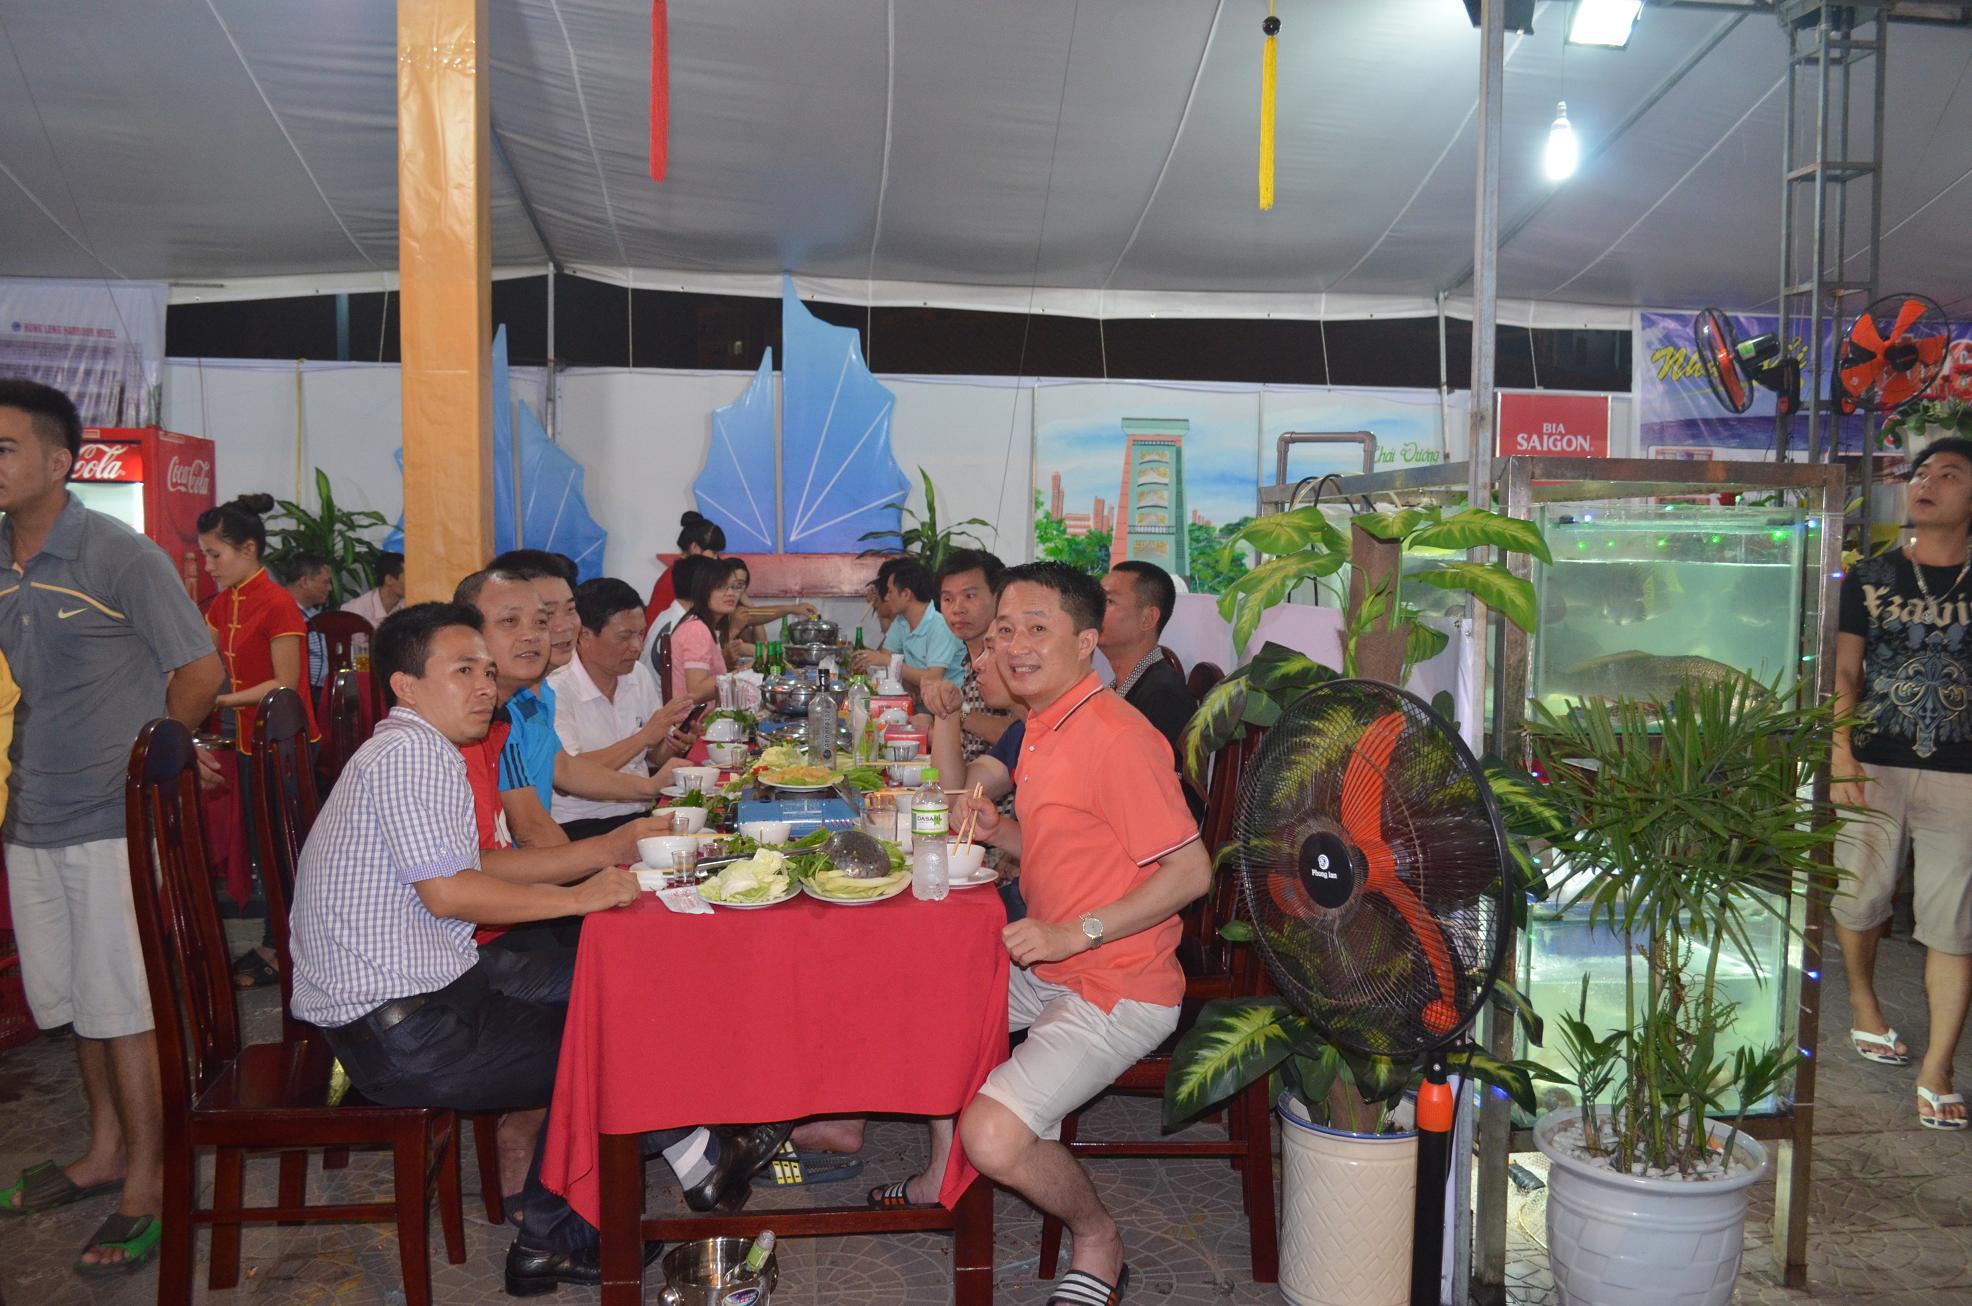 Liên hoan ẩm thực vùng du lịch Cát Bà